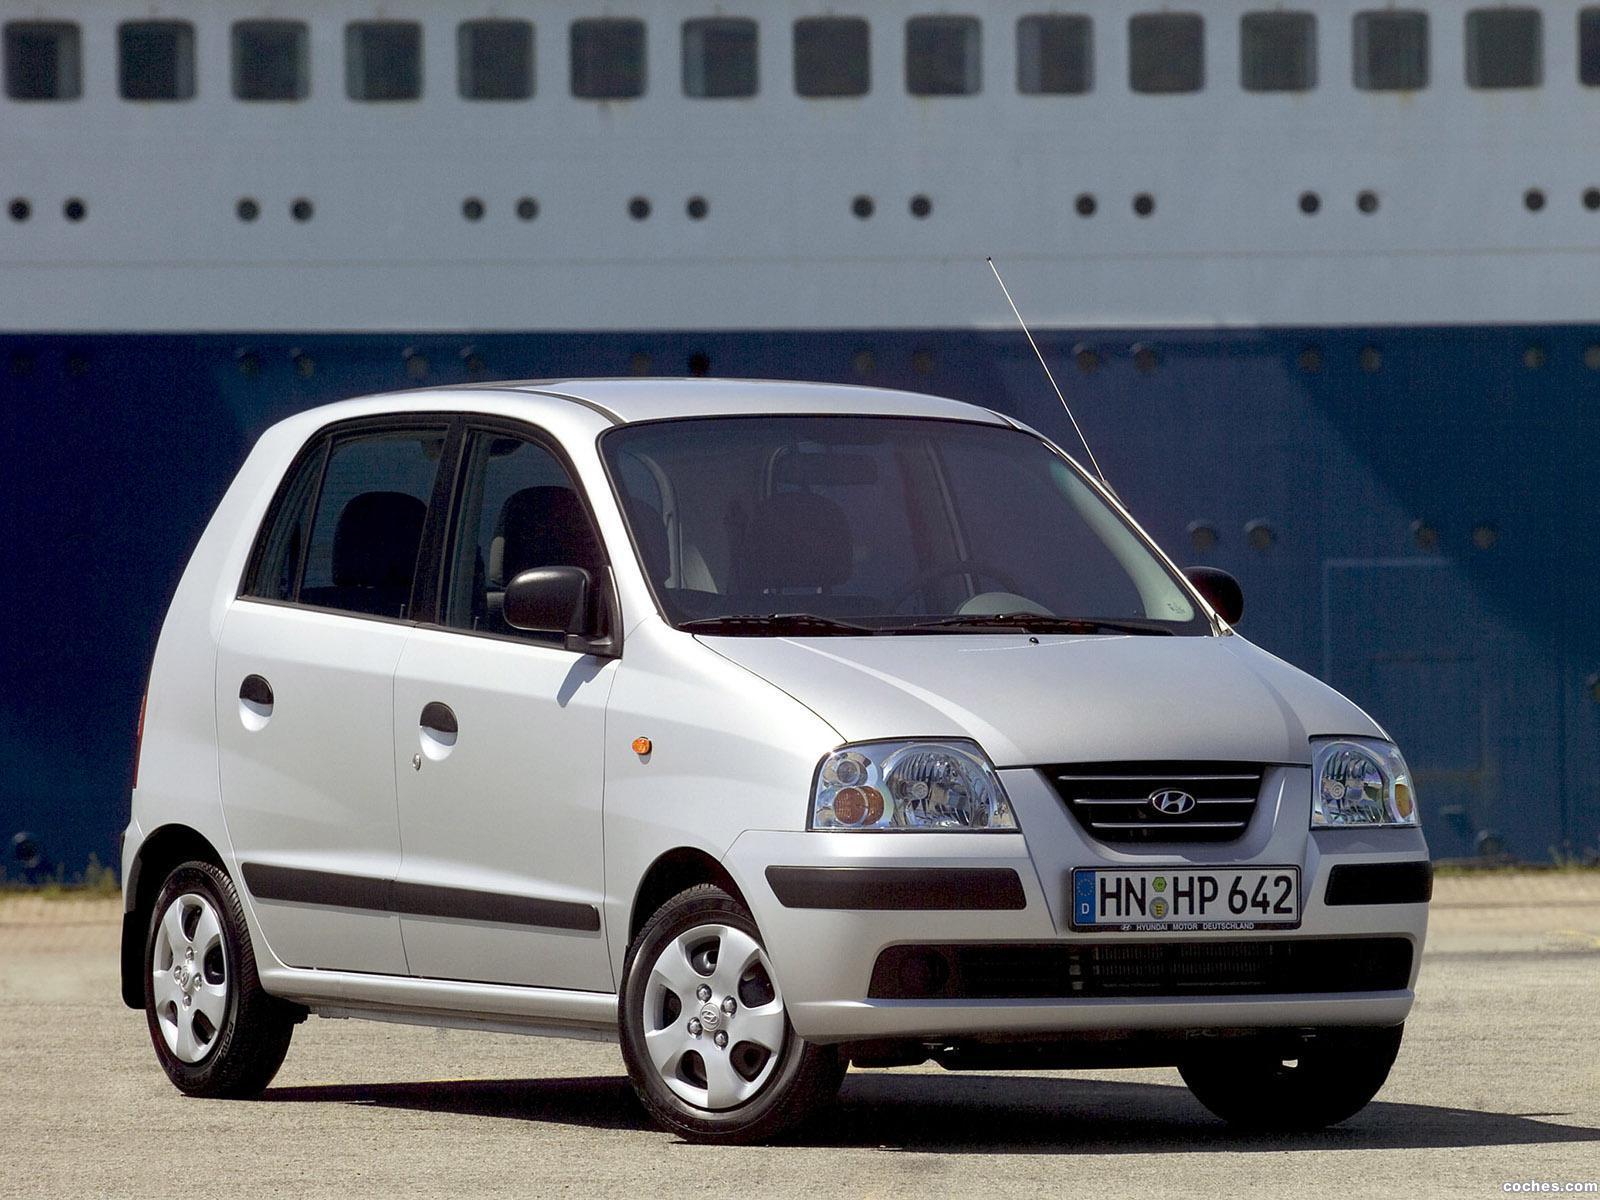 Foto 0 de Hyundai Atos Prime Em Star 2004